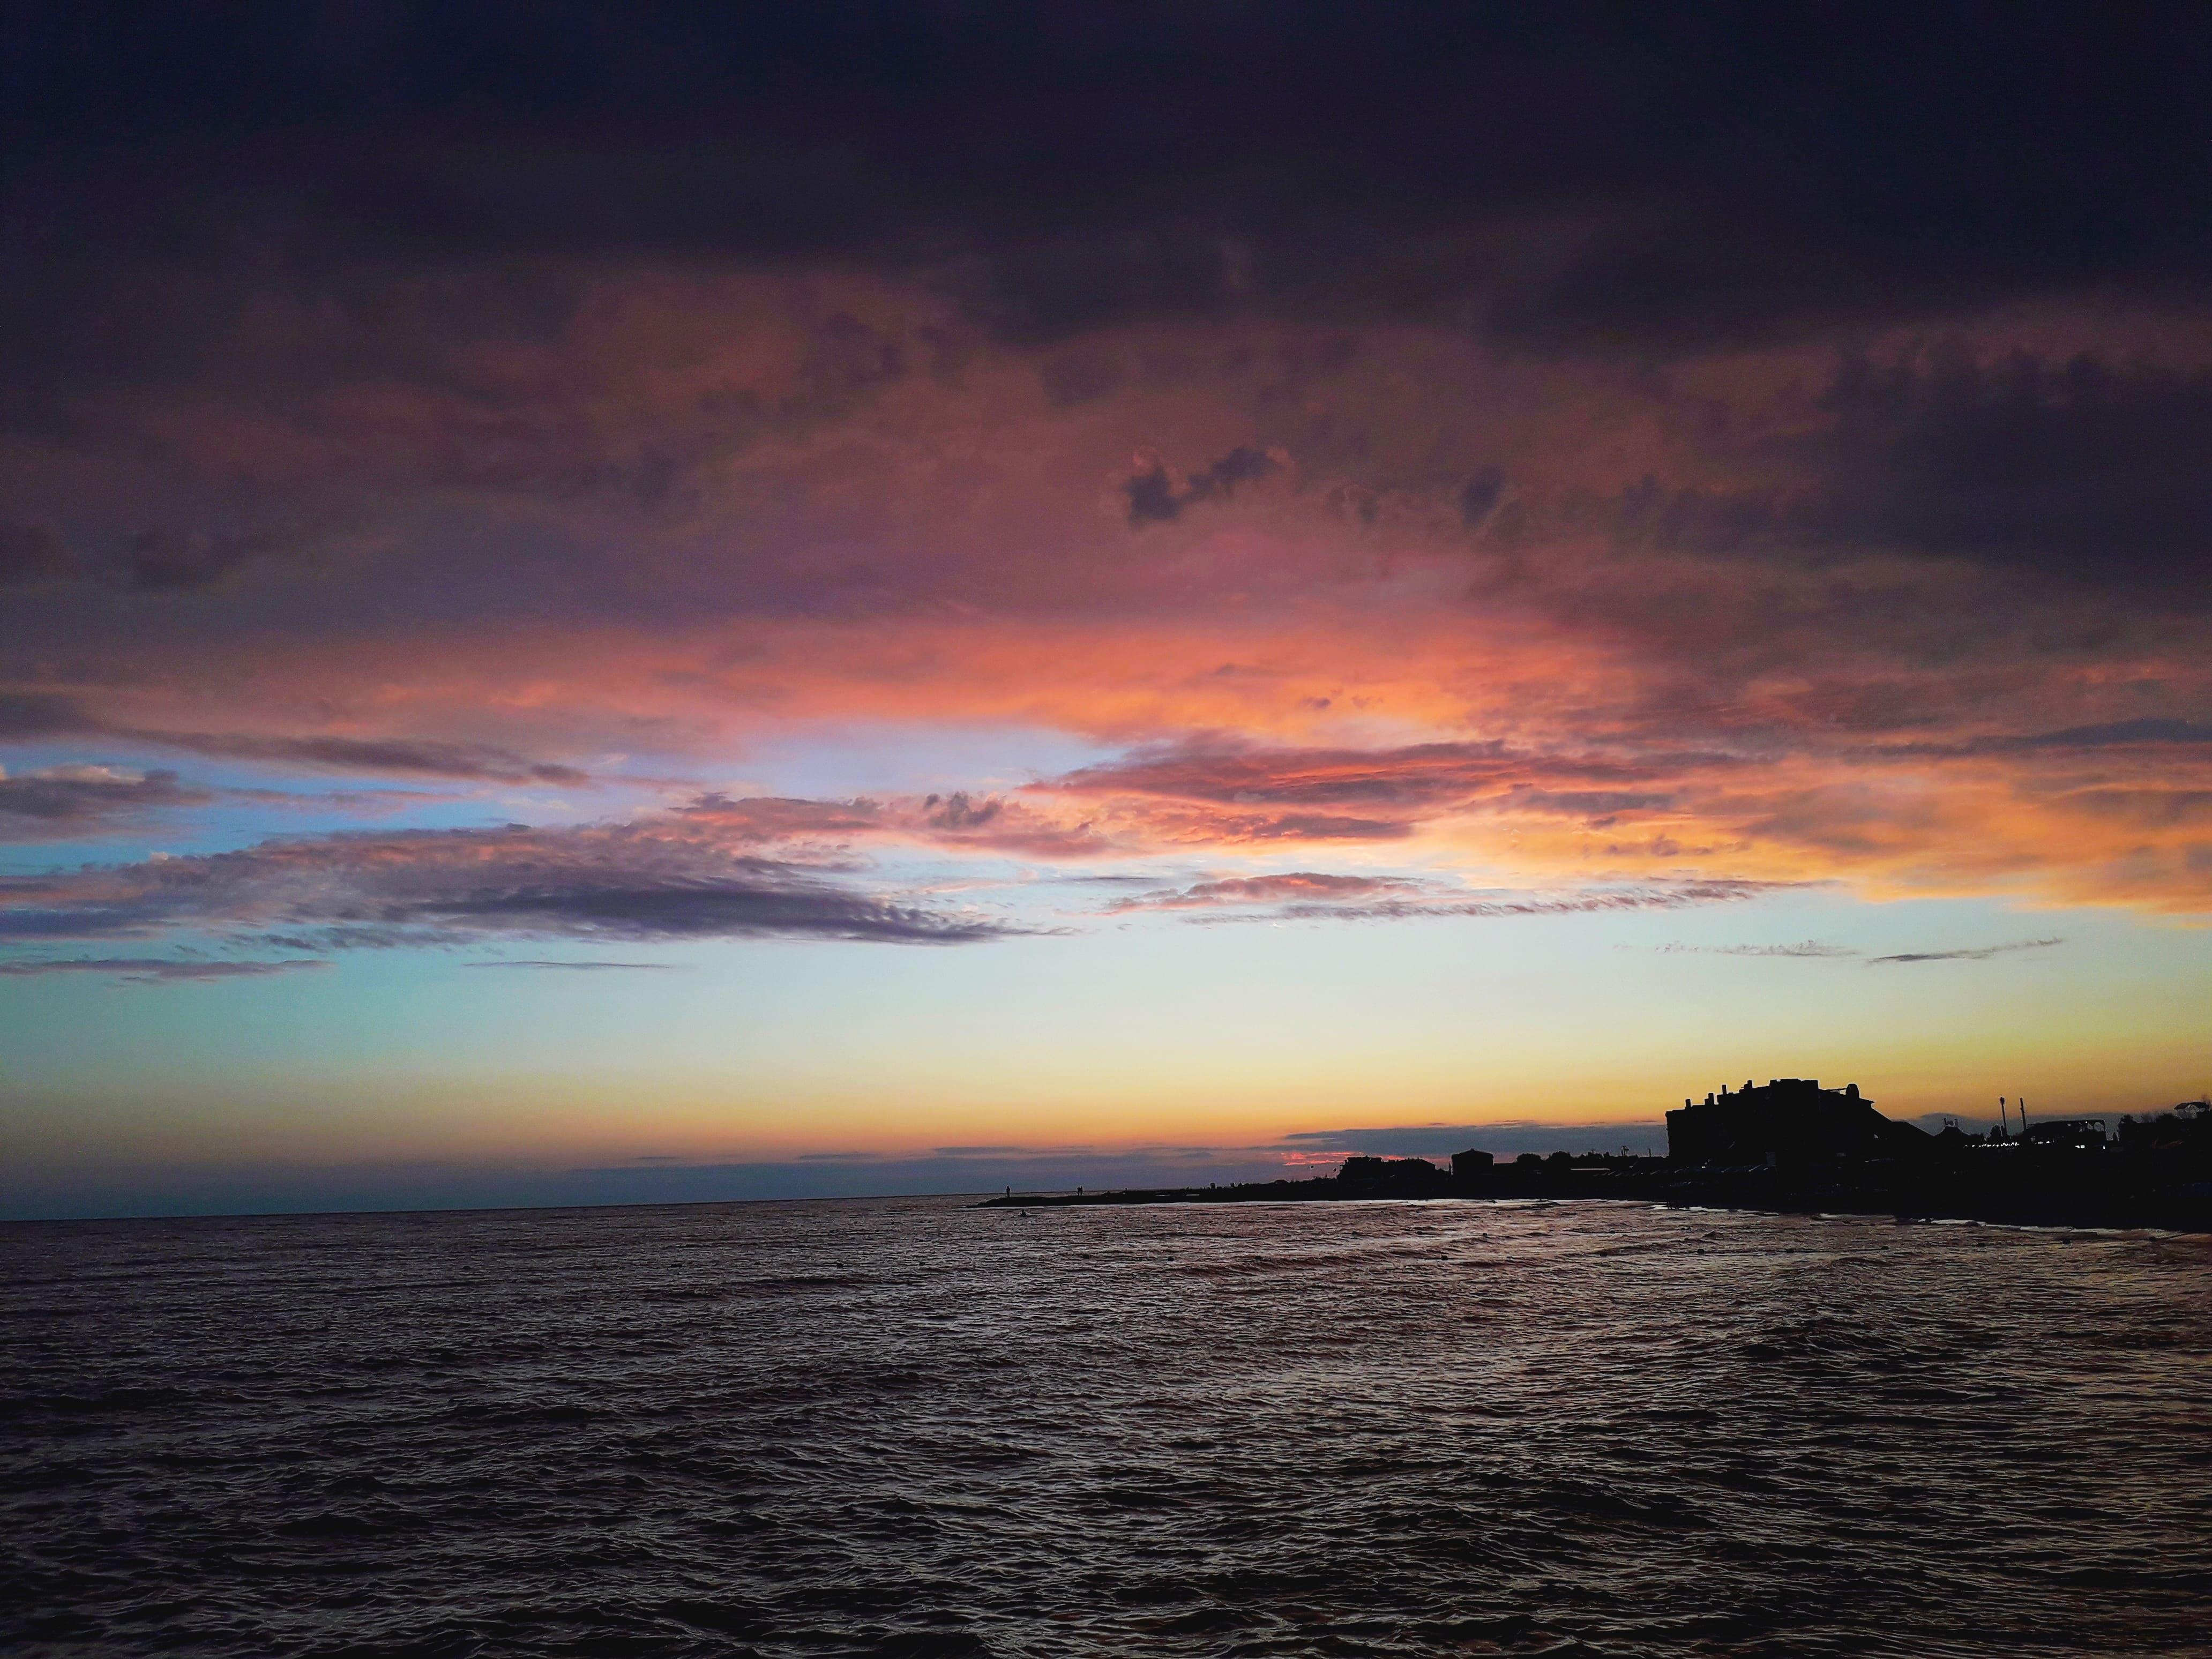 Закат на чёрном море, обои на айфон высокого качества природа, 4128 на 3096 пикселей